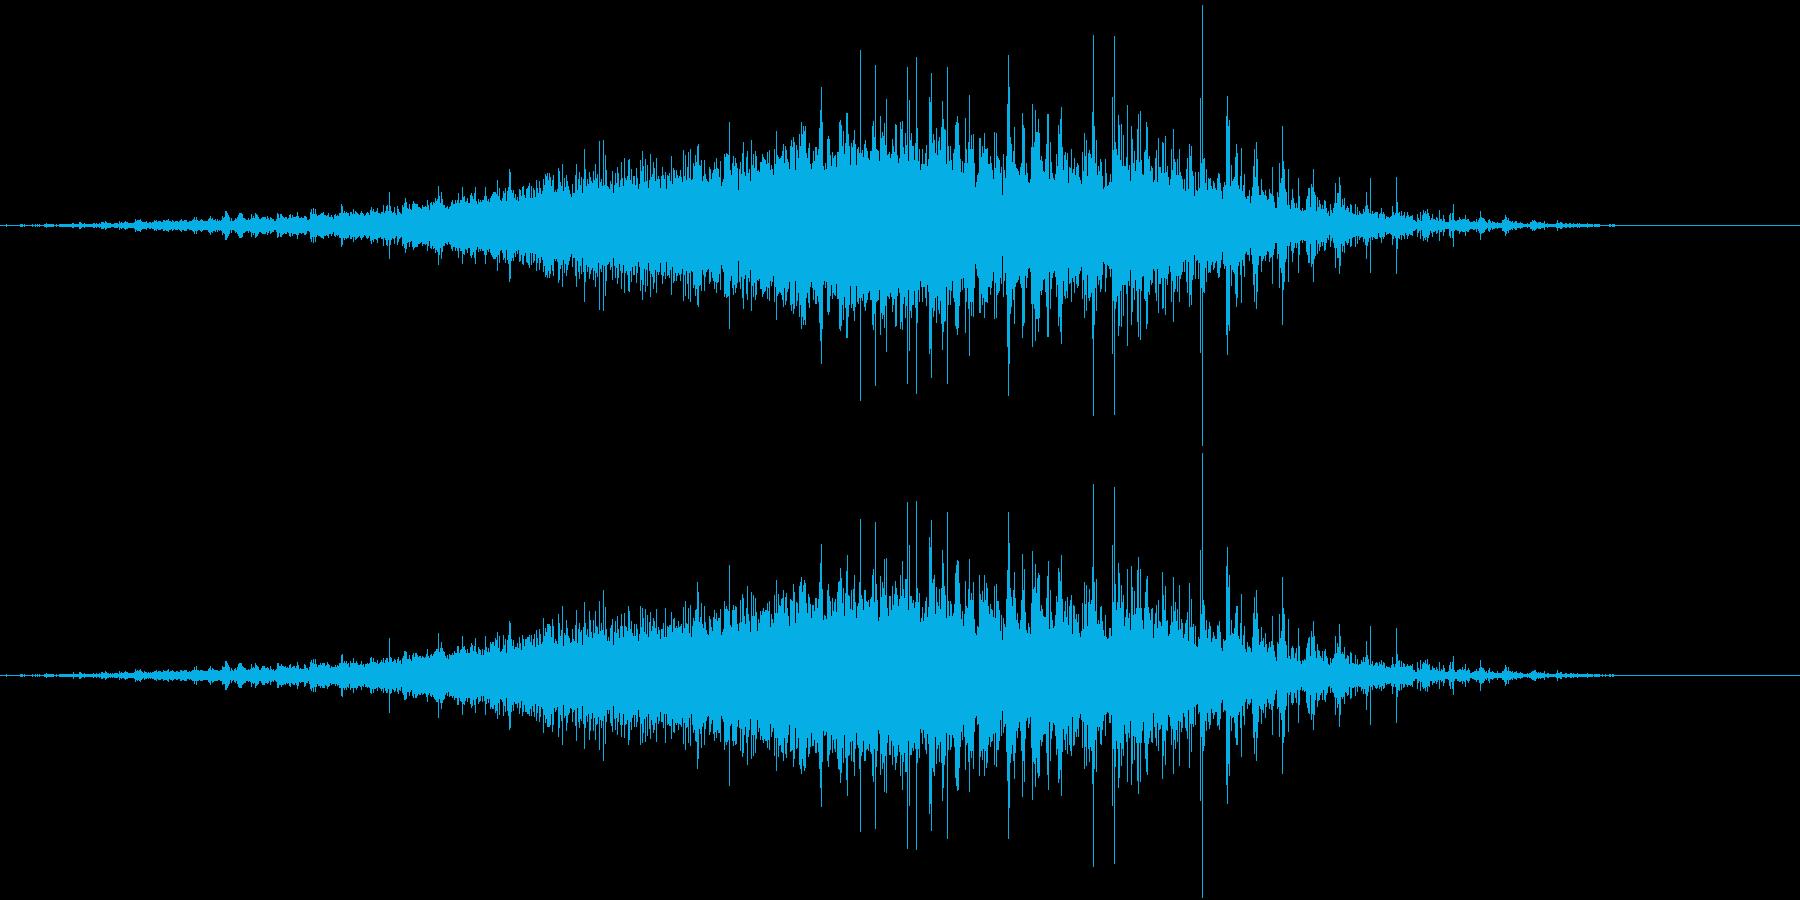 音侍SE「シャラシャラ」数珠を擦った音の再生済みの波形